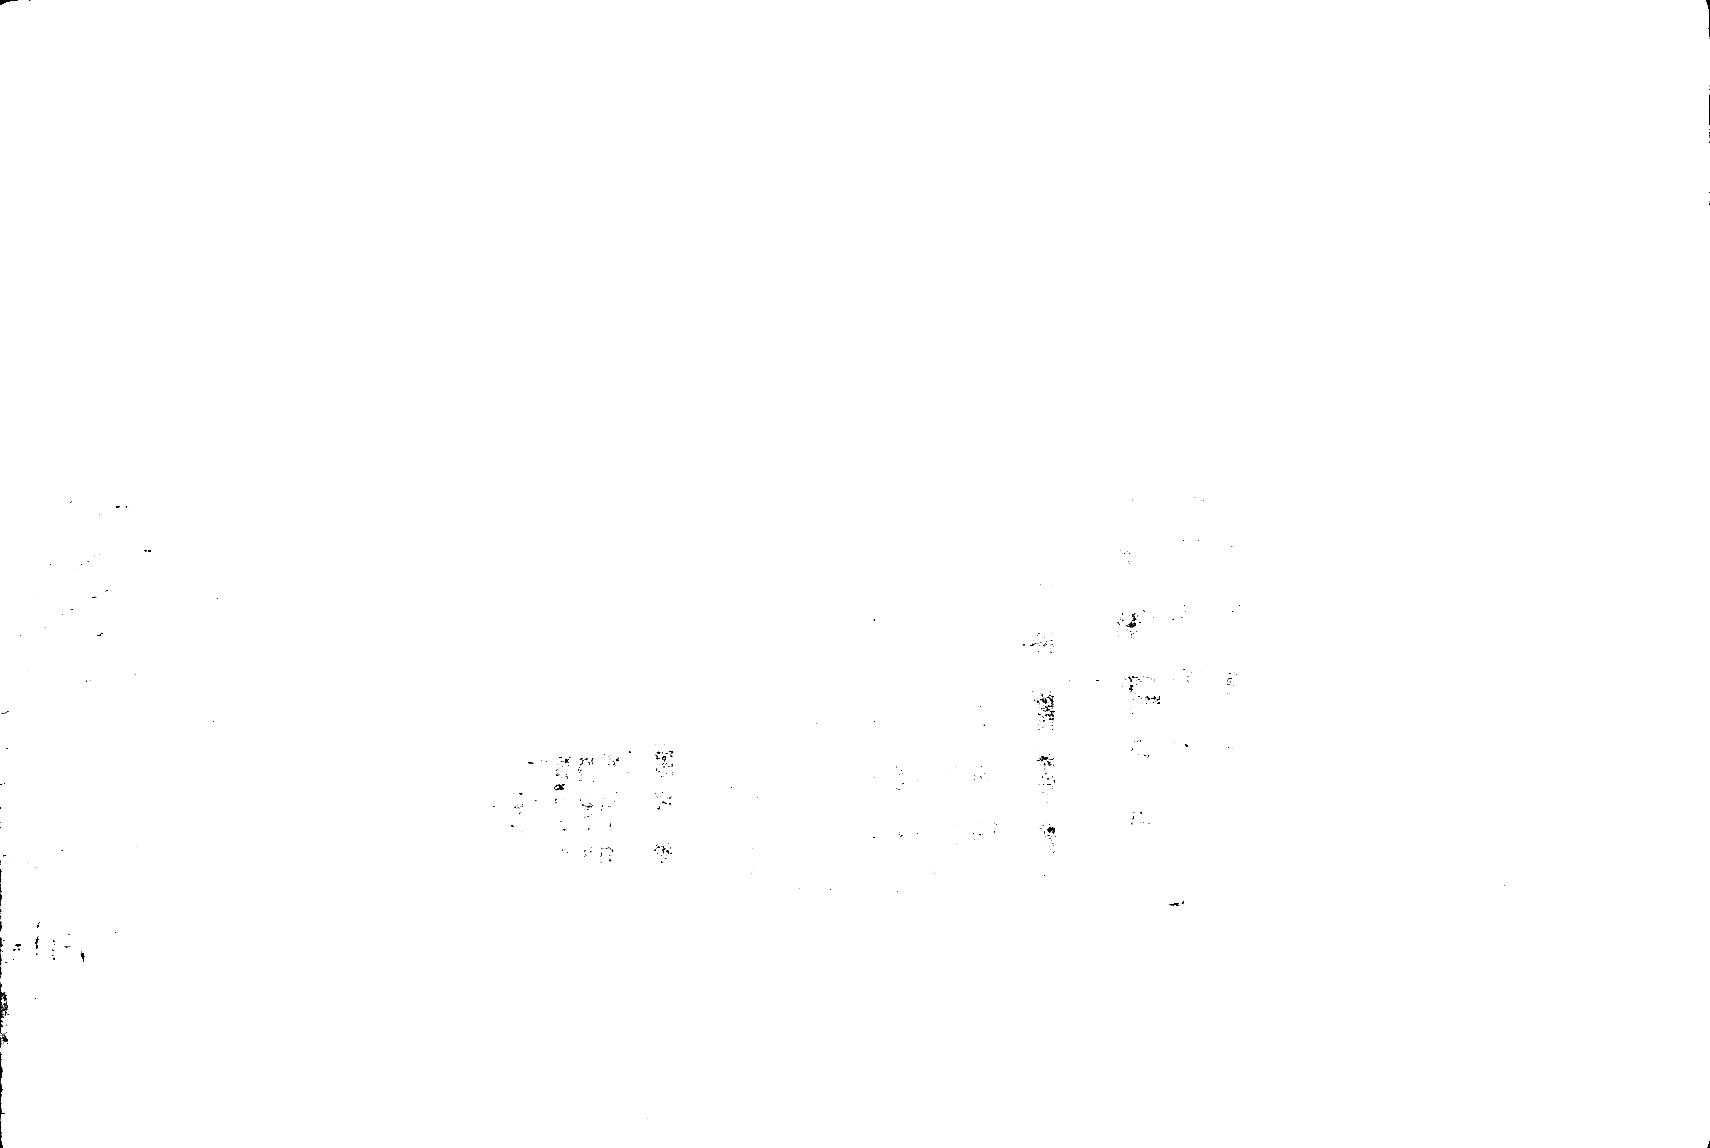 1987 Строительство научного центра Физико-химического института им. Л.Я. Карпова. Mike.Z